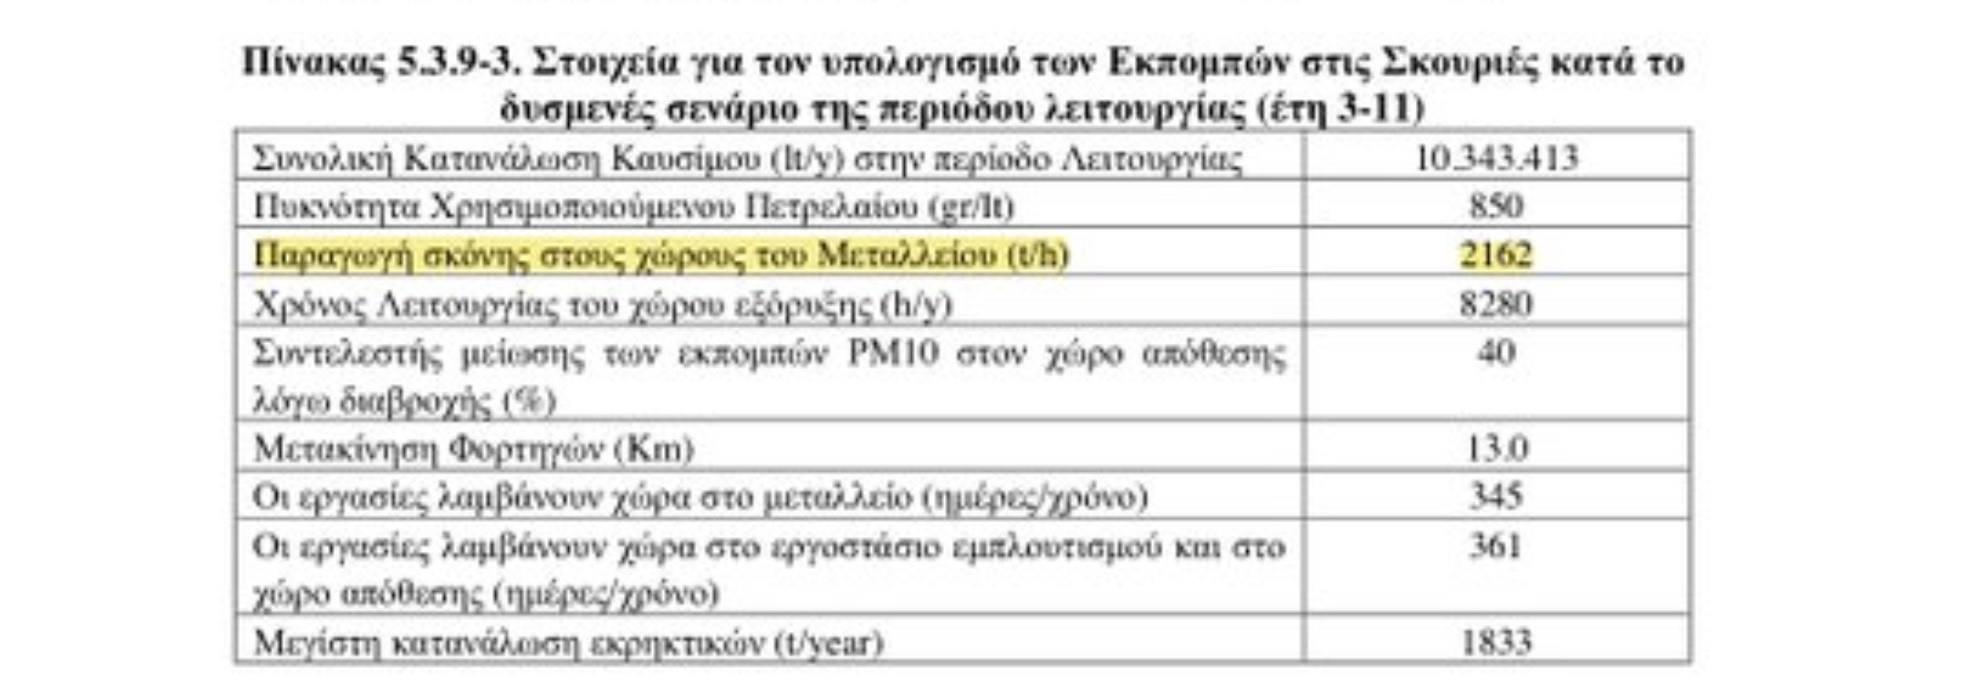 http://i2.wp.com/antigoldgr.org/wp-content/uploads/2016/05/%CE%A3%CE%9A%CE%9F%CE%9D%CE%97-%CE%A3%CE%9A%CE%9F%CE%A5%CE%A1%CE%99%CE%95%CE%A3-1.jpg